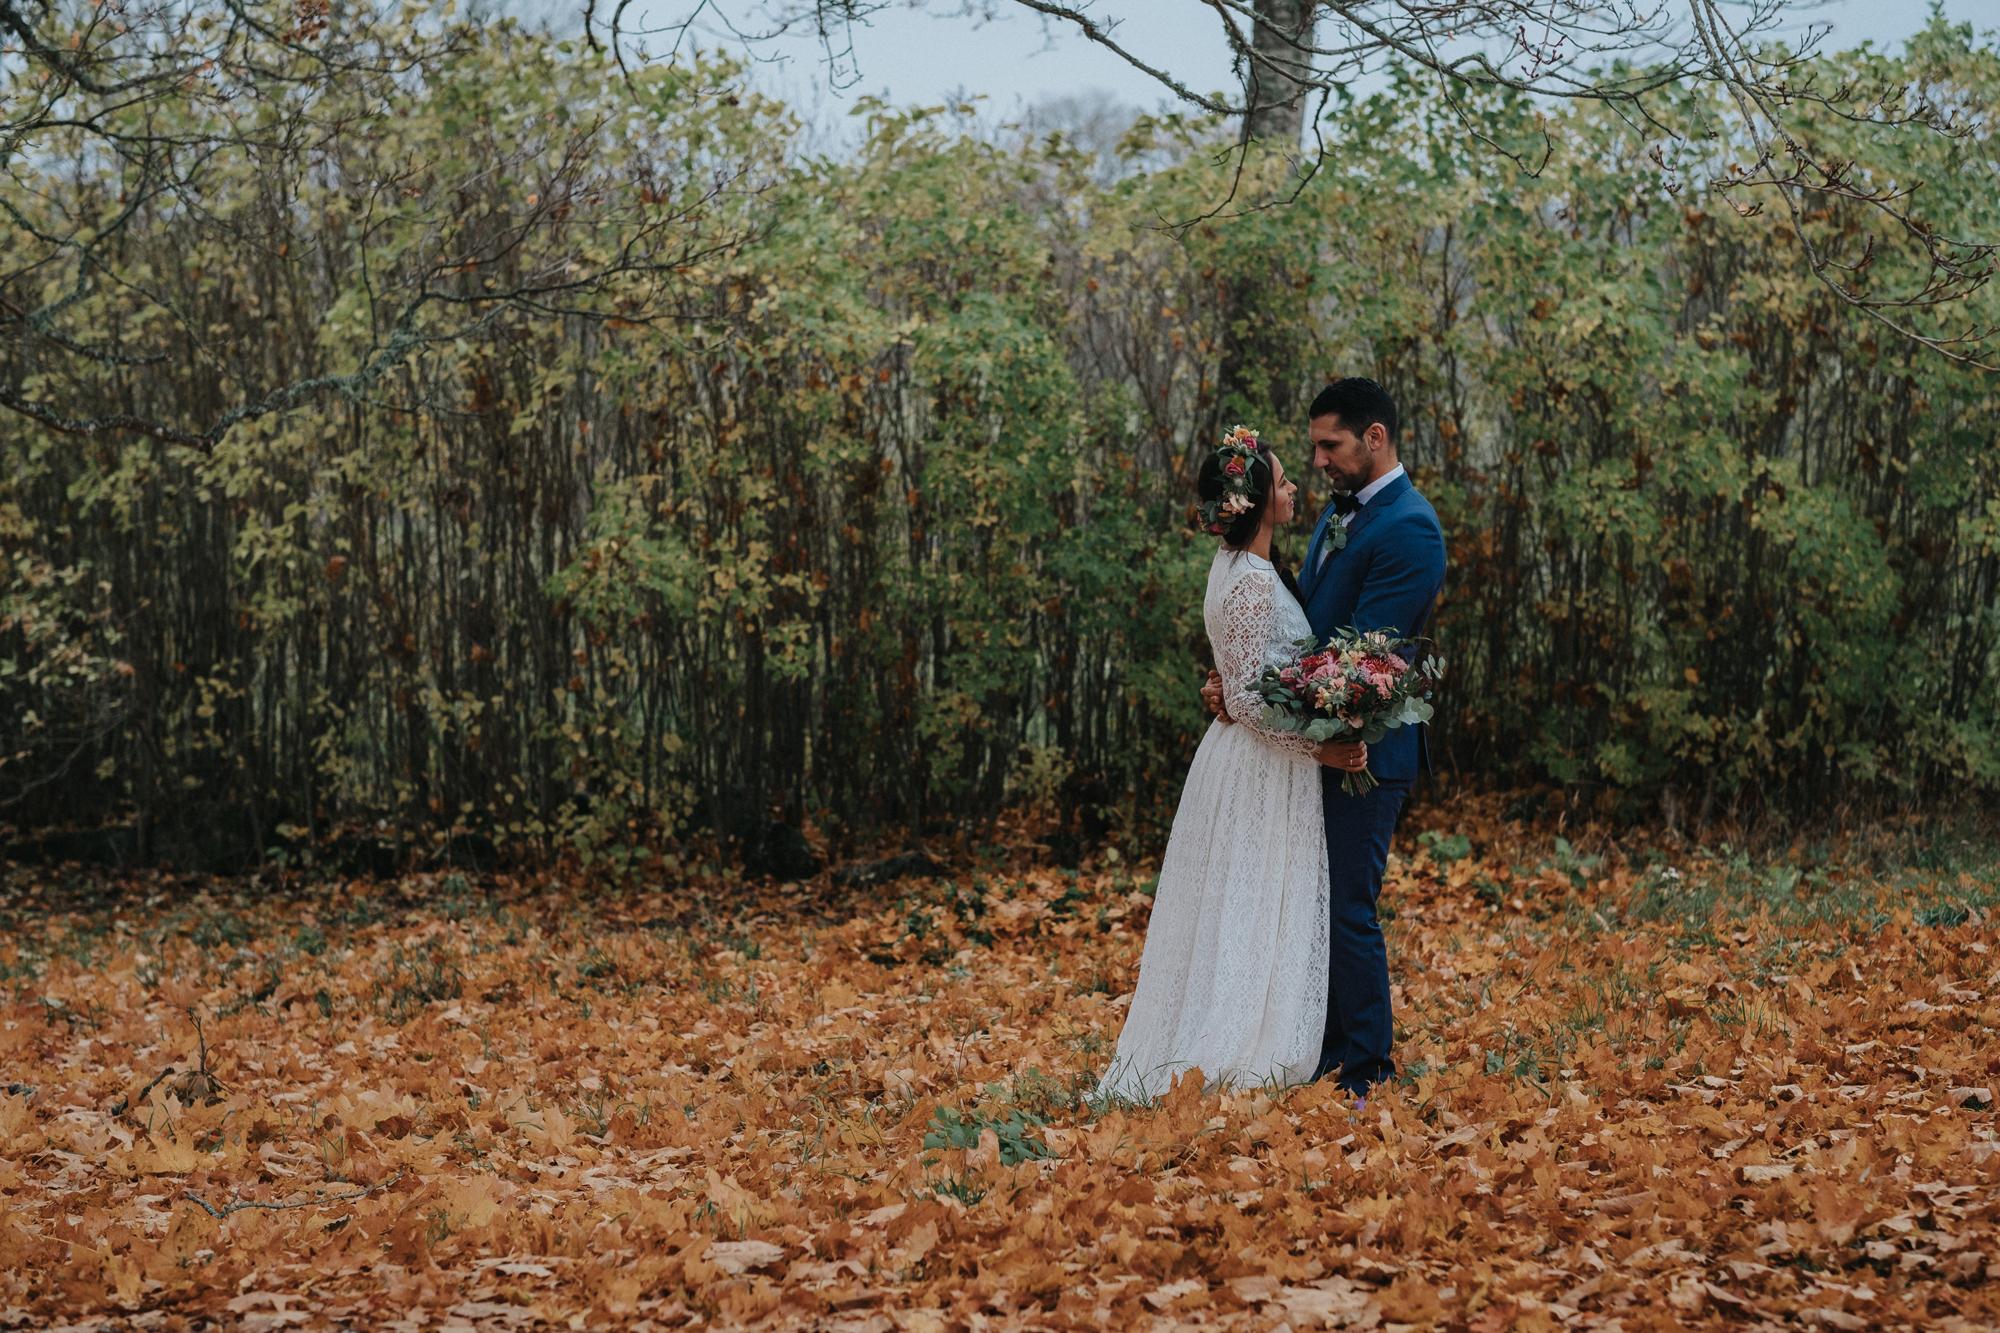 026-bröllopsfotograf-lydinge-neas-fotografi.jpg